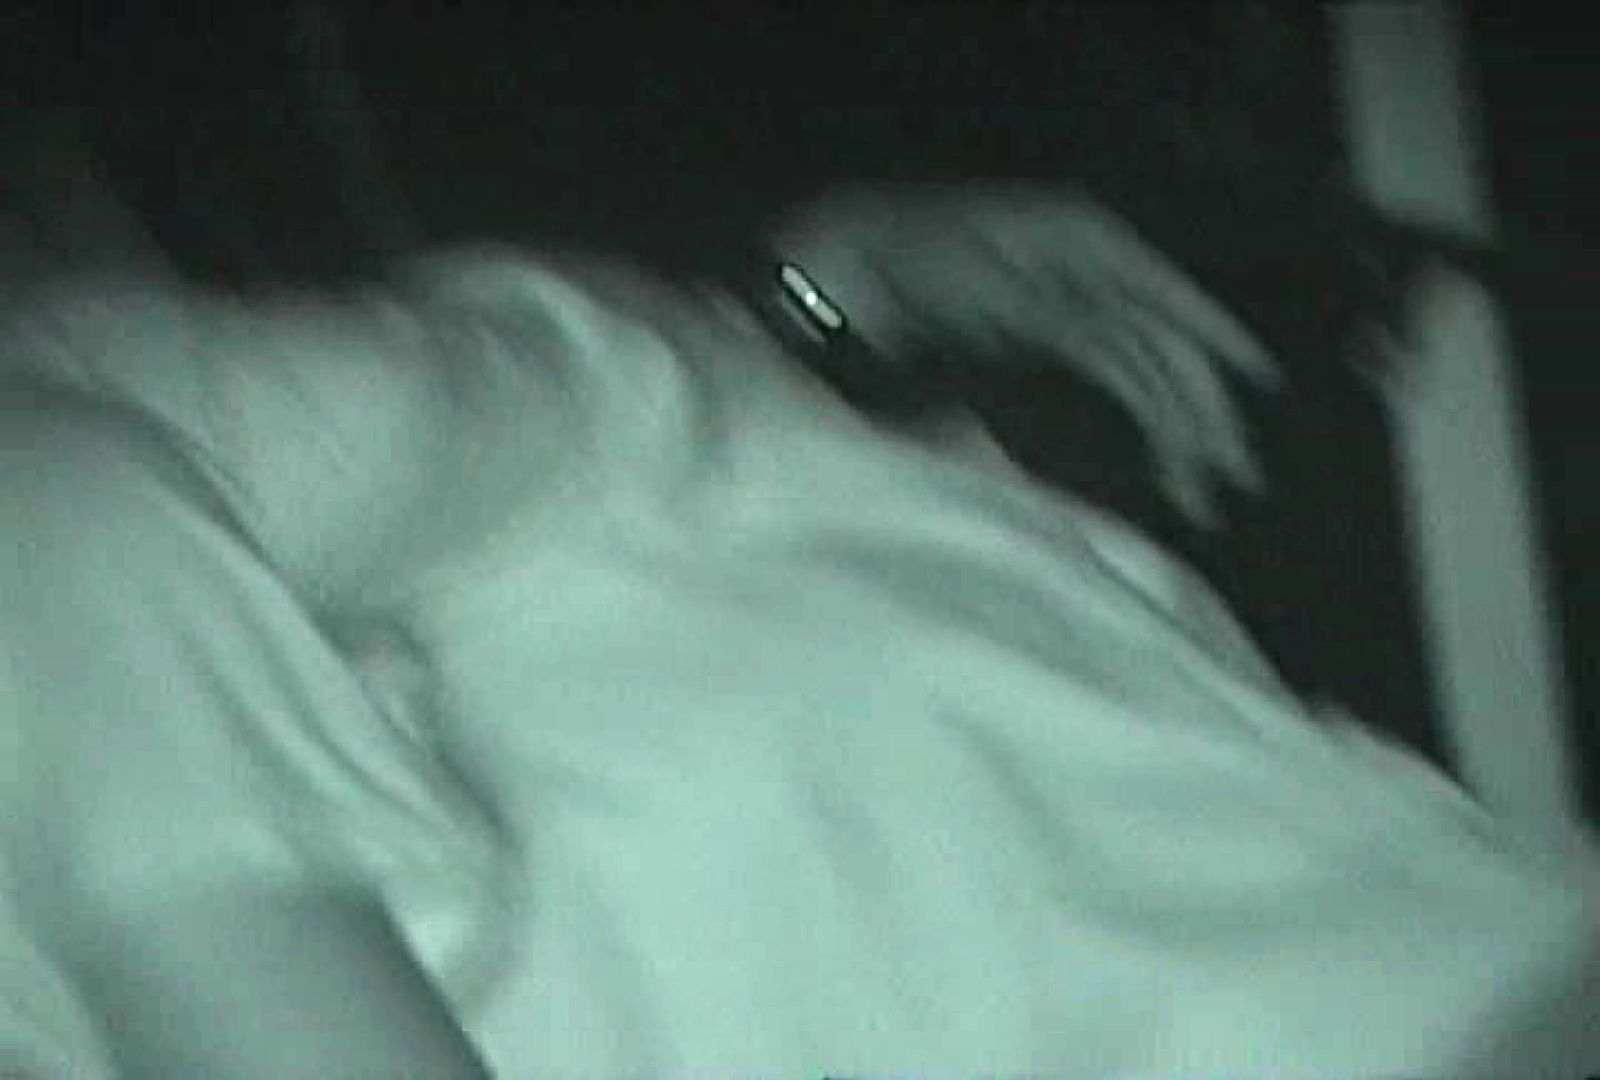 充血監督の深夜の運動会Vol.100 カップル AV動画キャプチャ 67画像 32